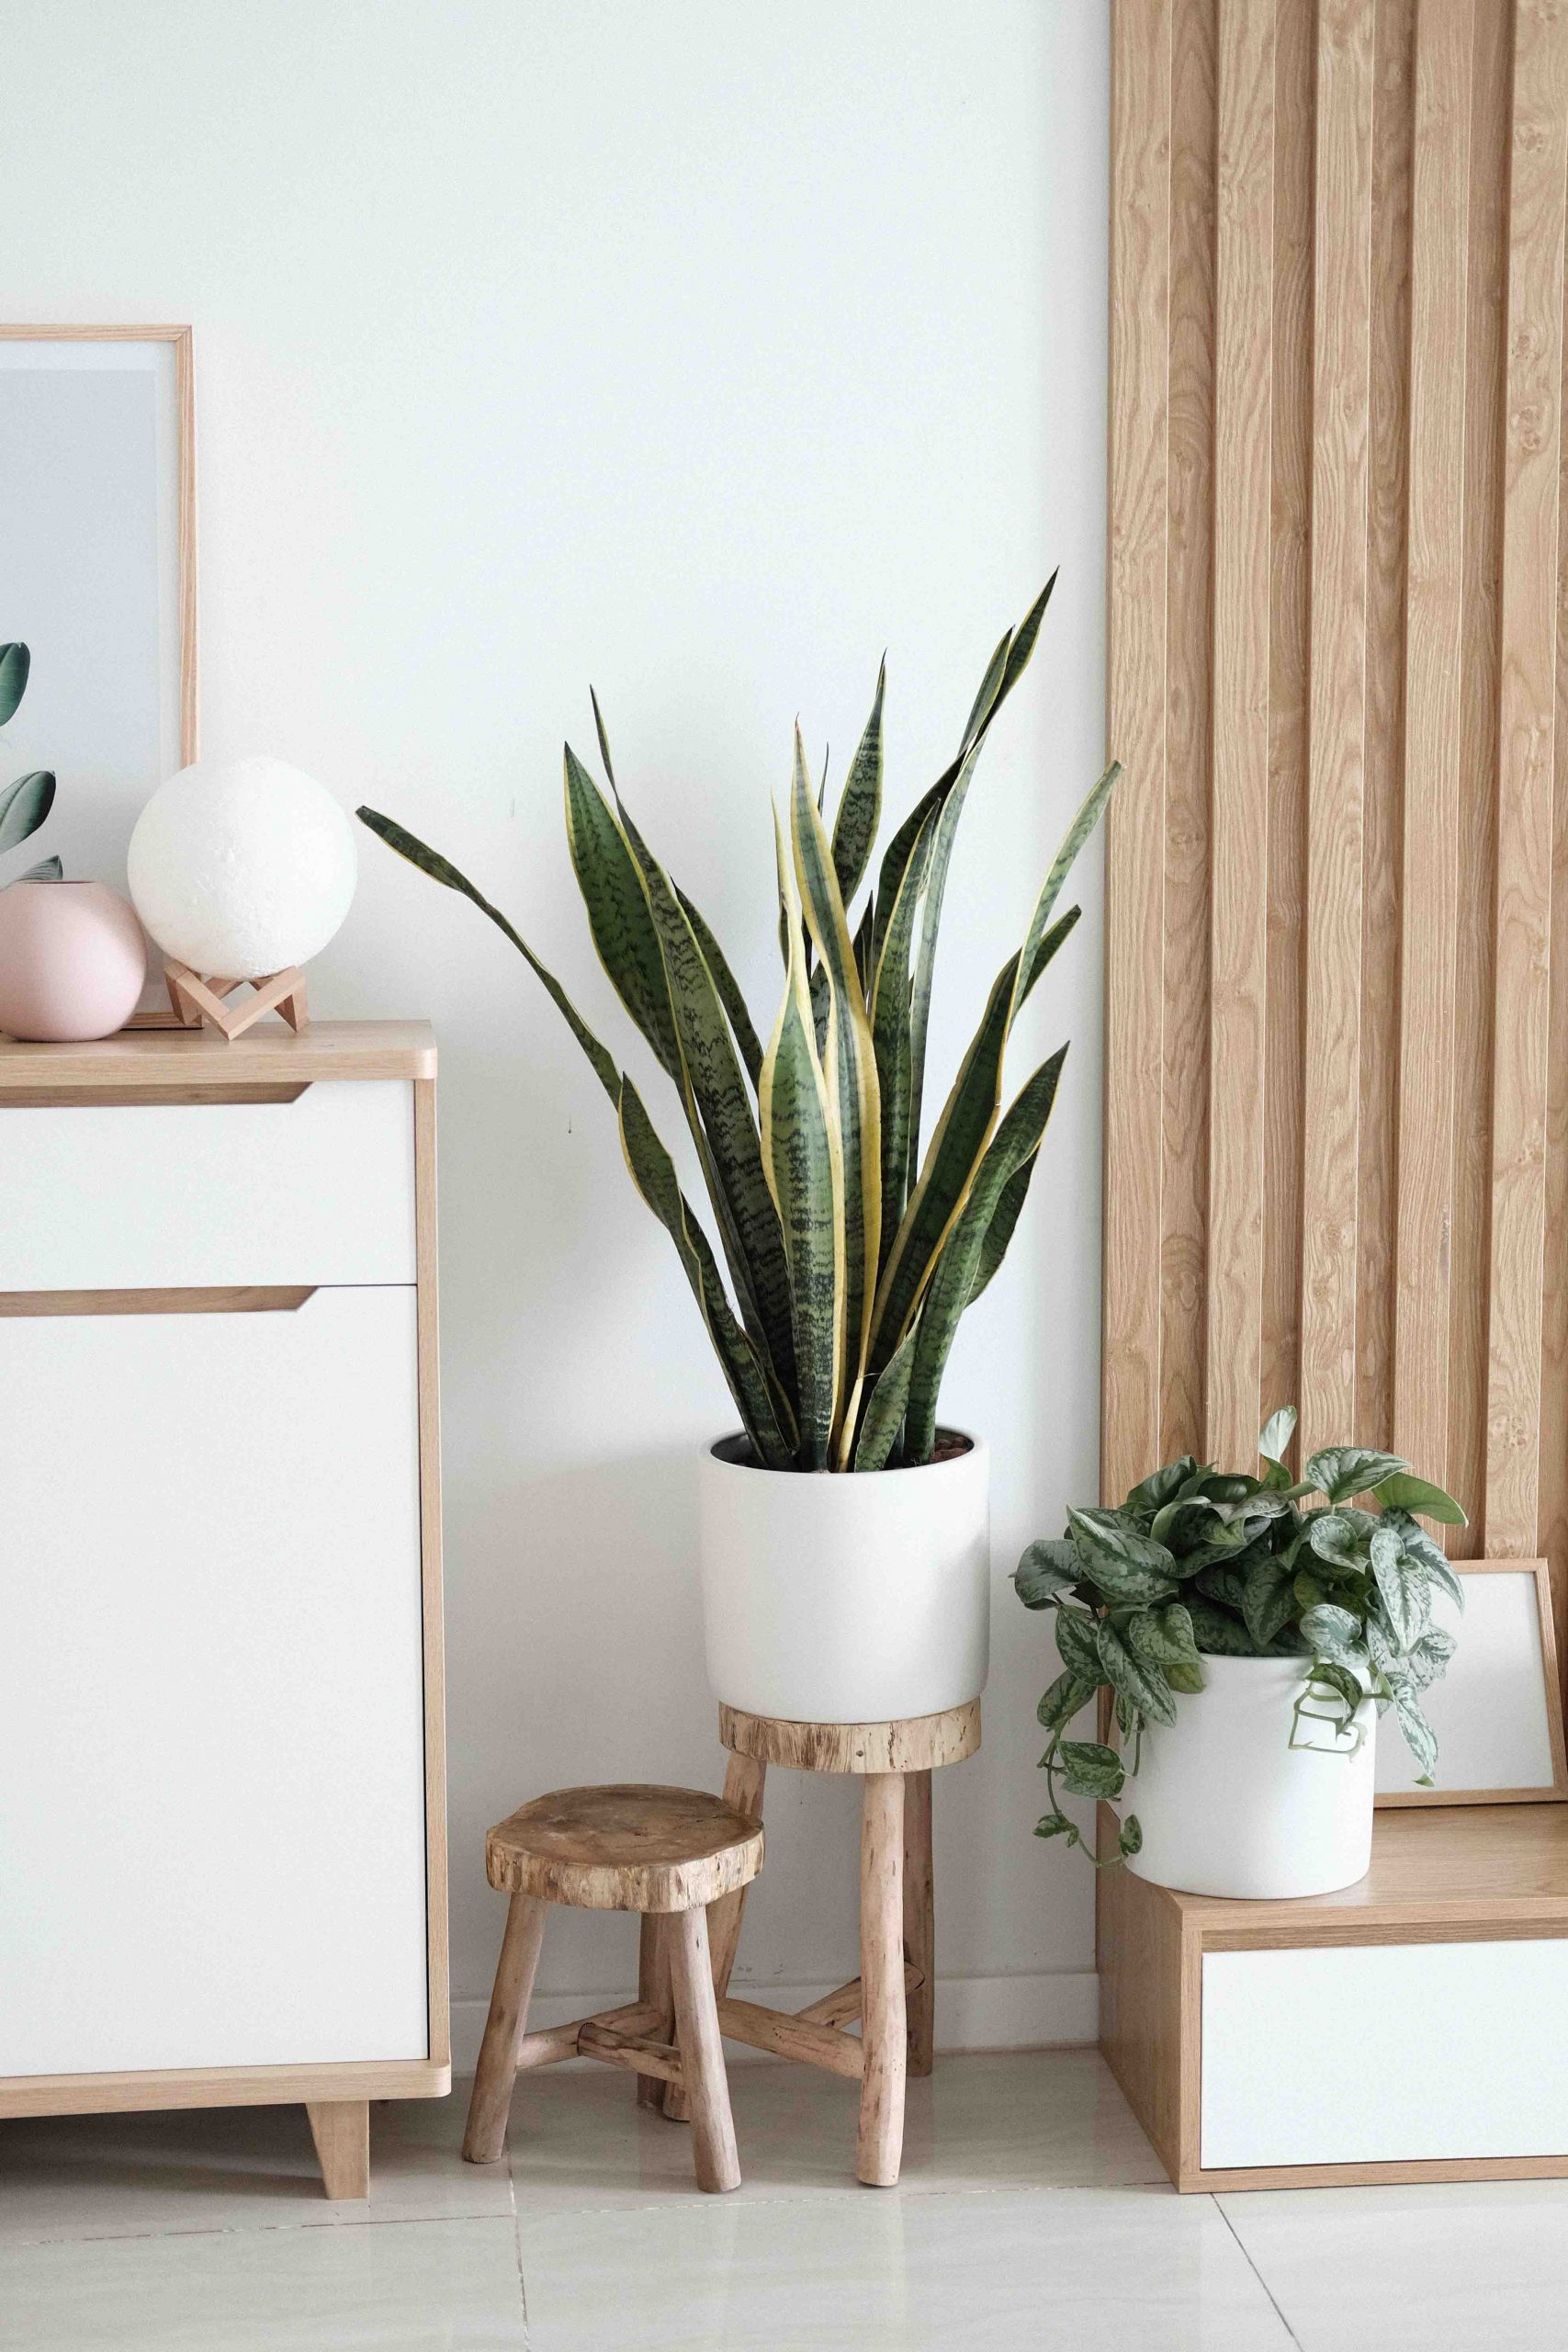 cách trồng cây trong nhà và chăm sóc cây